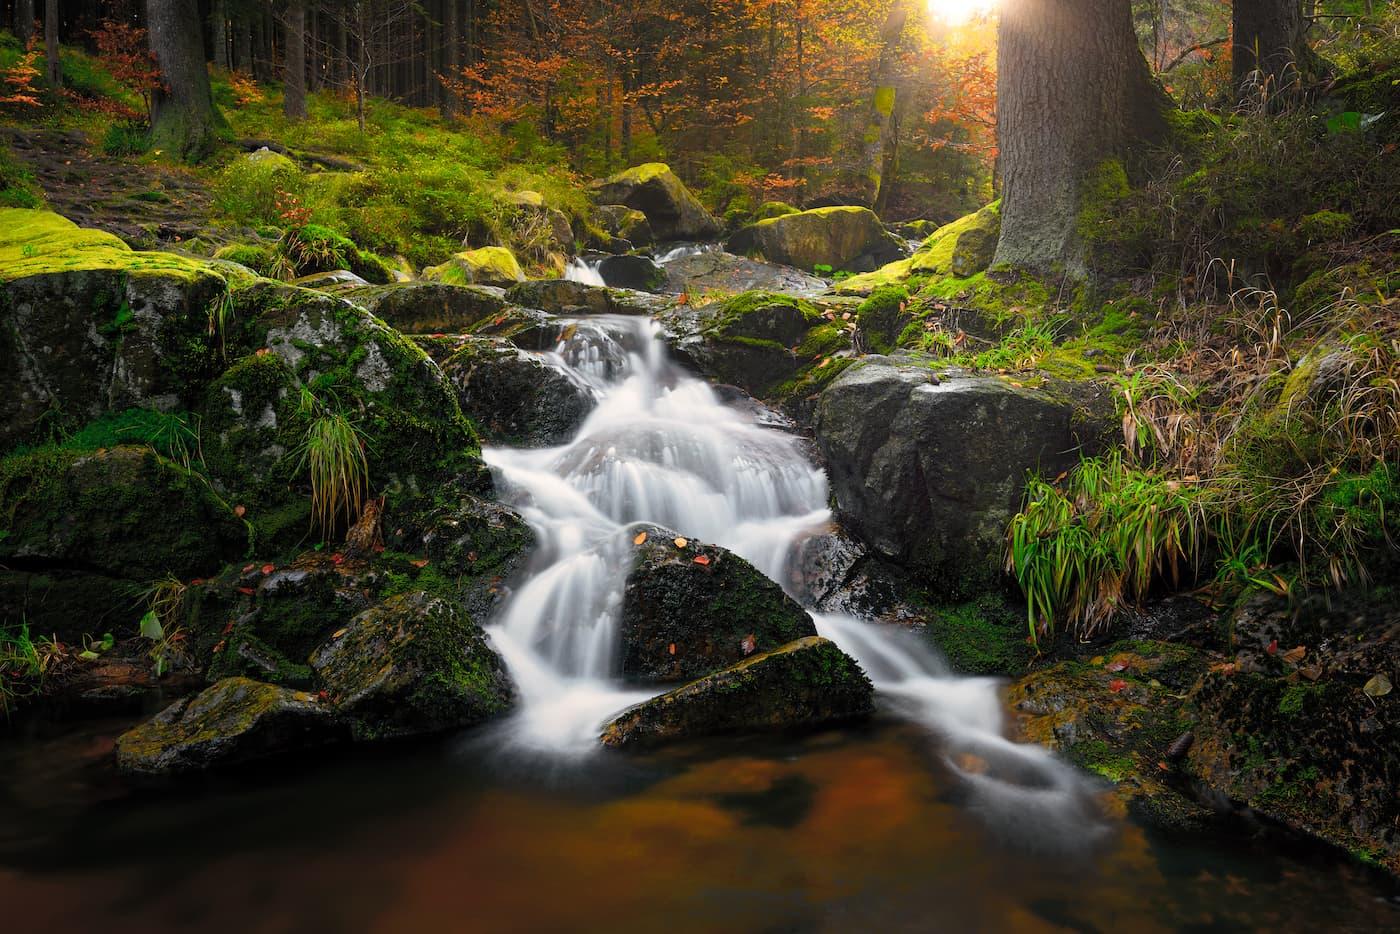 Ein kleiner Wasserfall im Wald im sommerlichen Abendlicht.